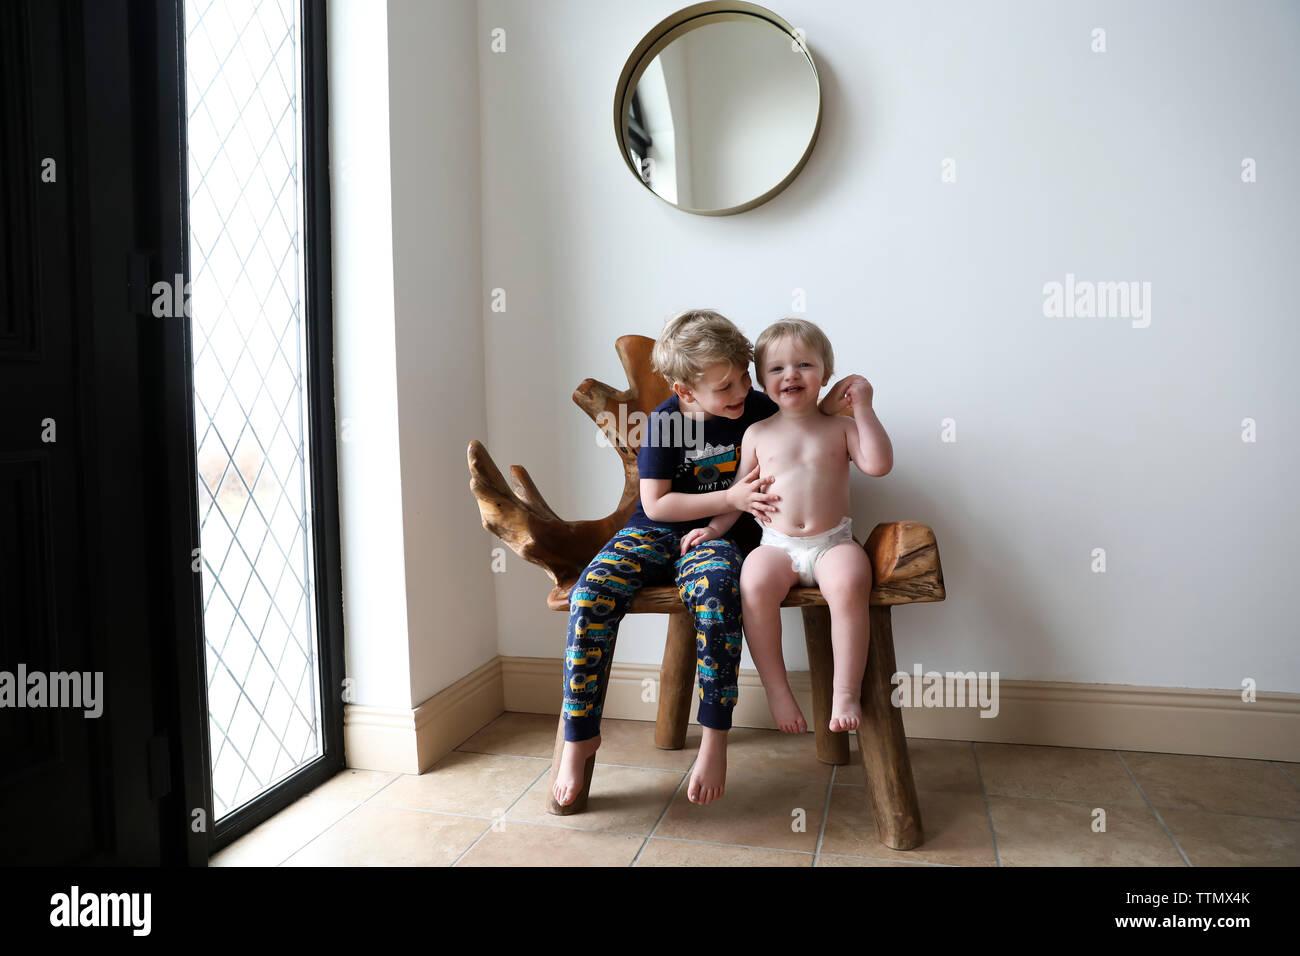 Gerne Brüder Hug Sitzend im Innenbereich organische Holzbank Stockfoto